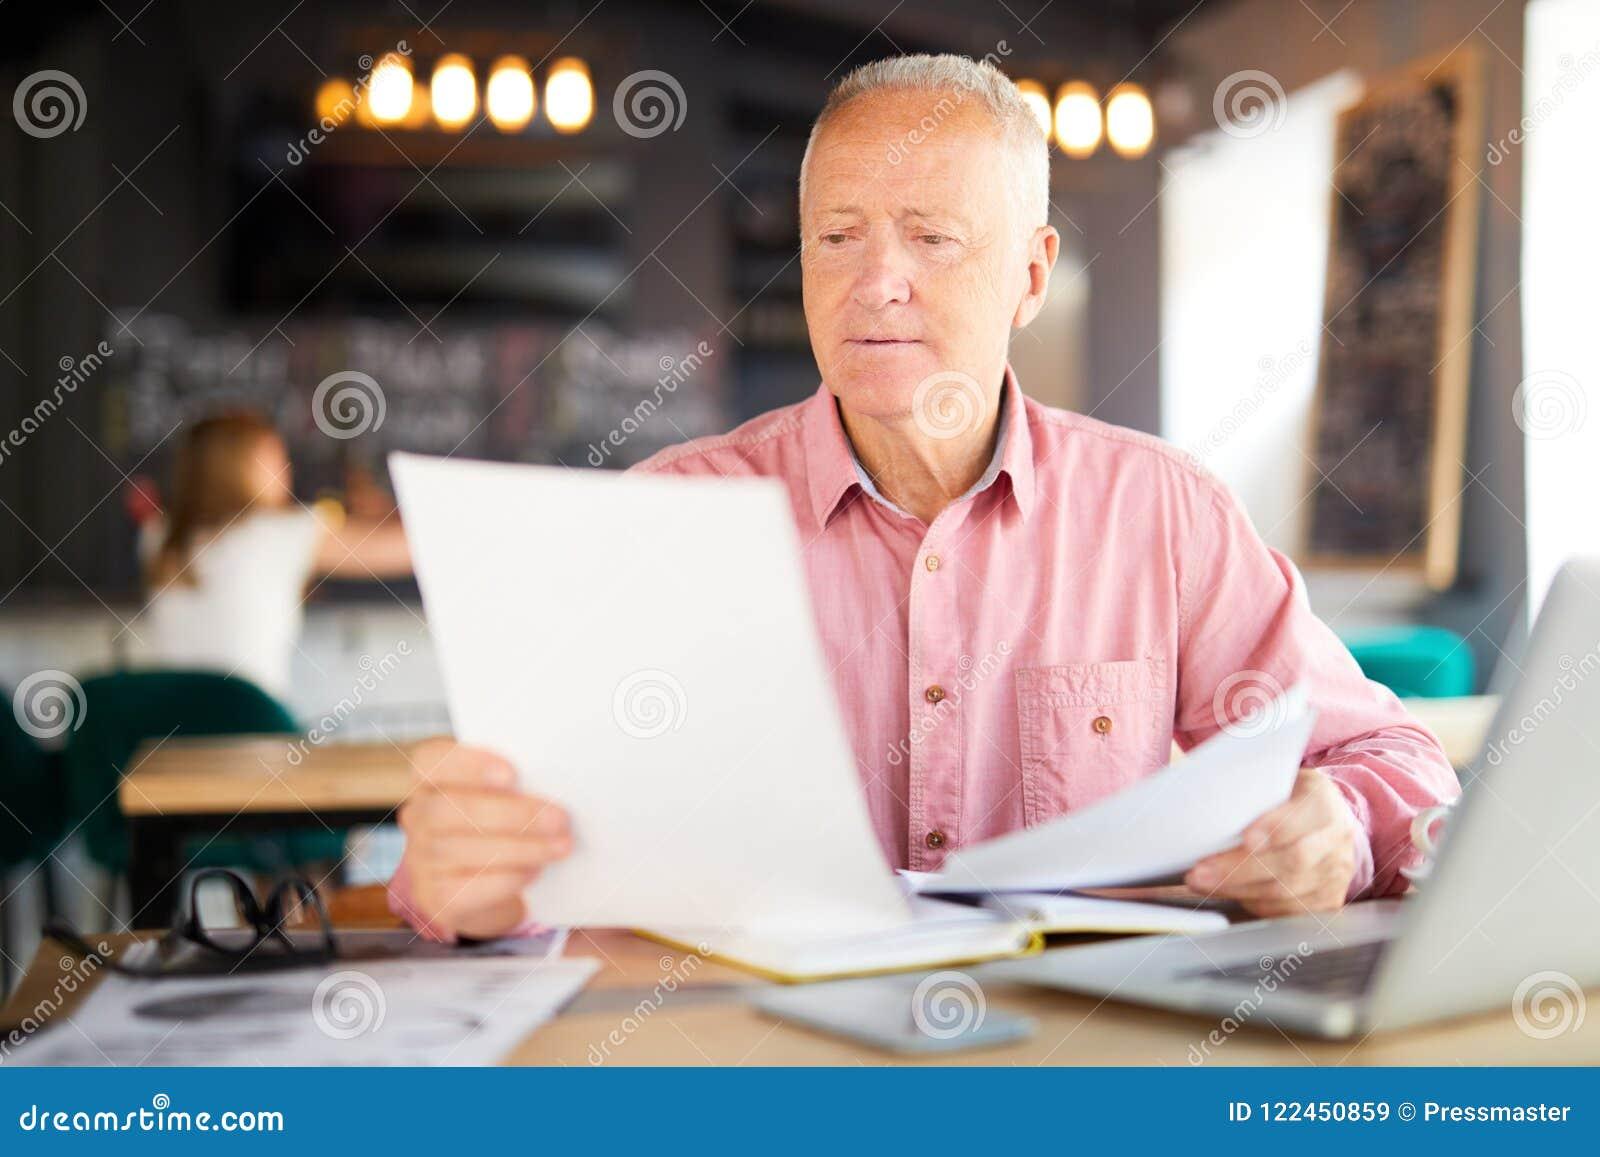 Бумаги чтения в кафе